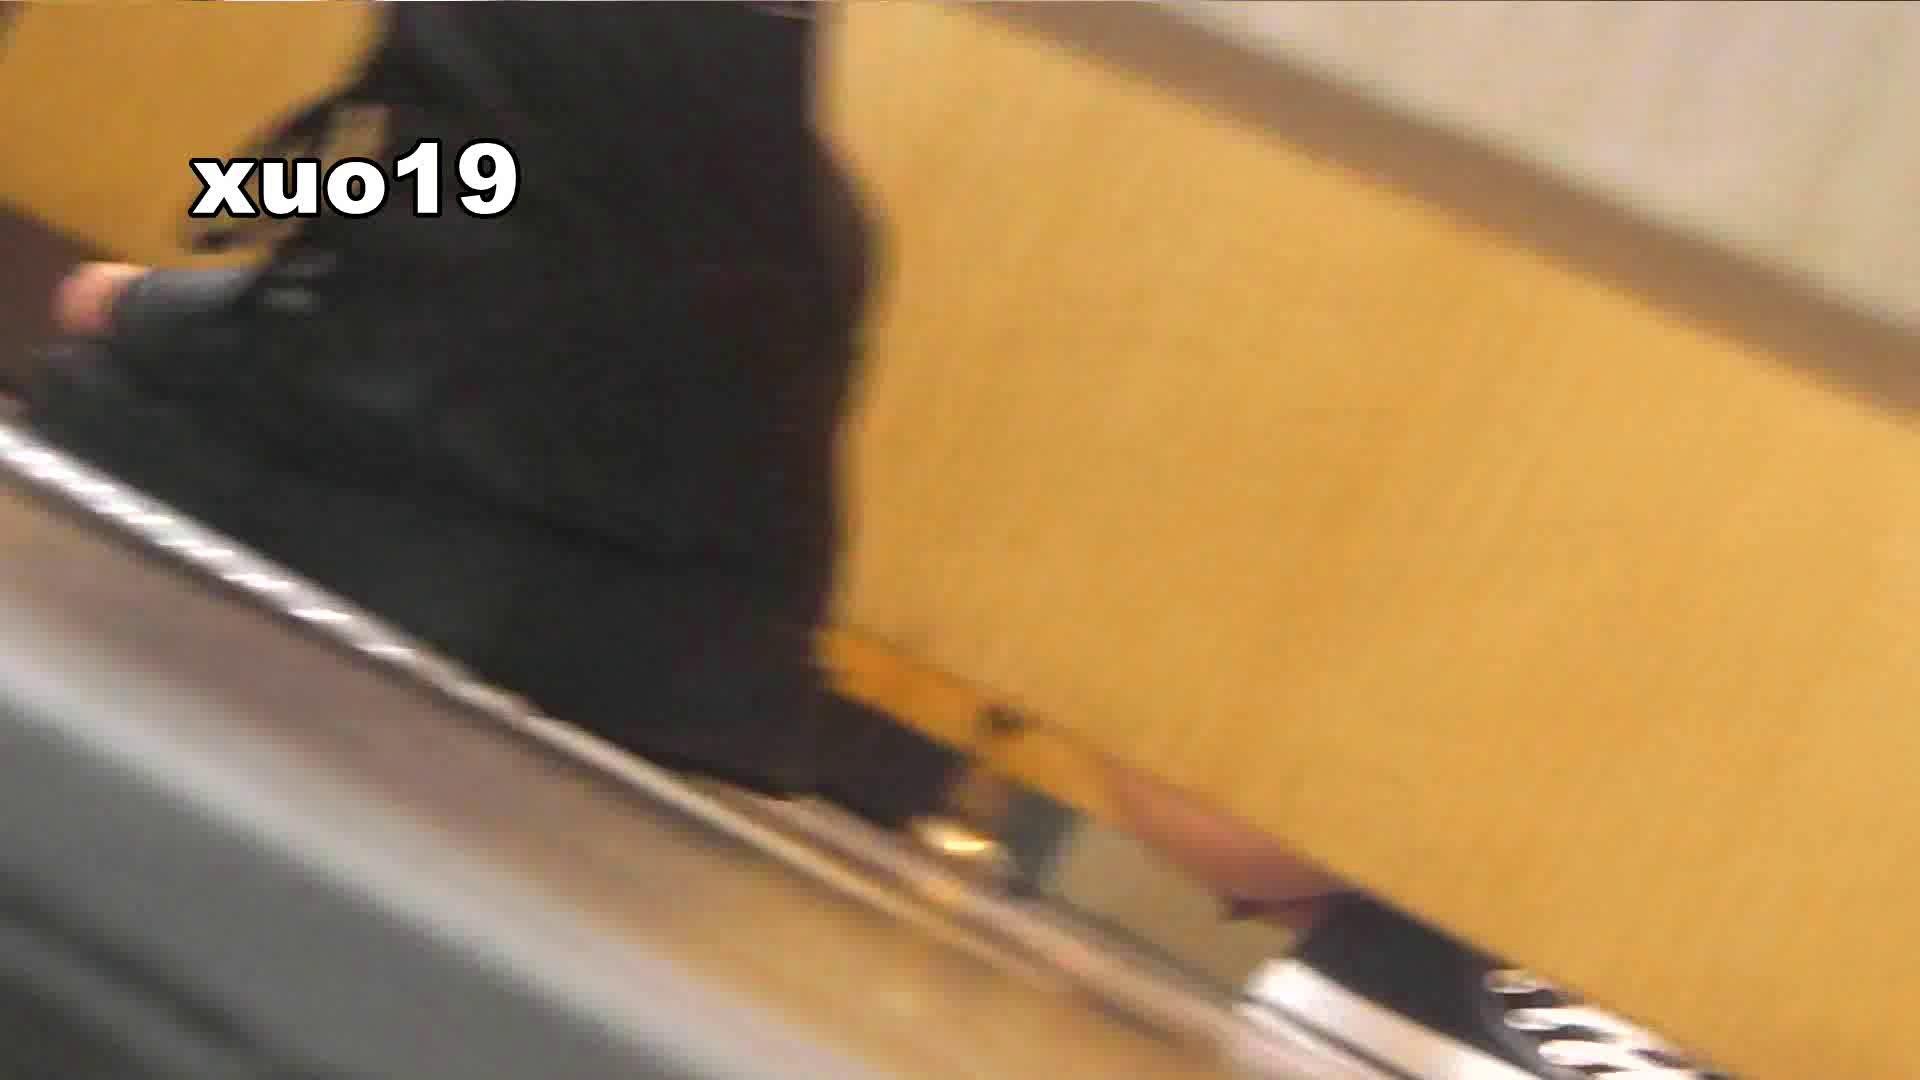 阿国ちゃんの「和式洋式七変化」No.19 キラキラ系 ギャルズ AV無料動画キャプチャ 94画像 74